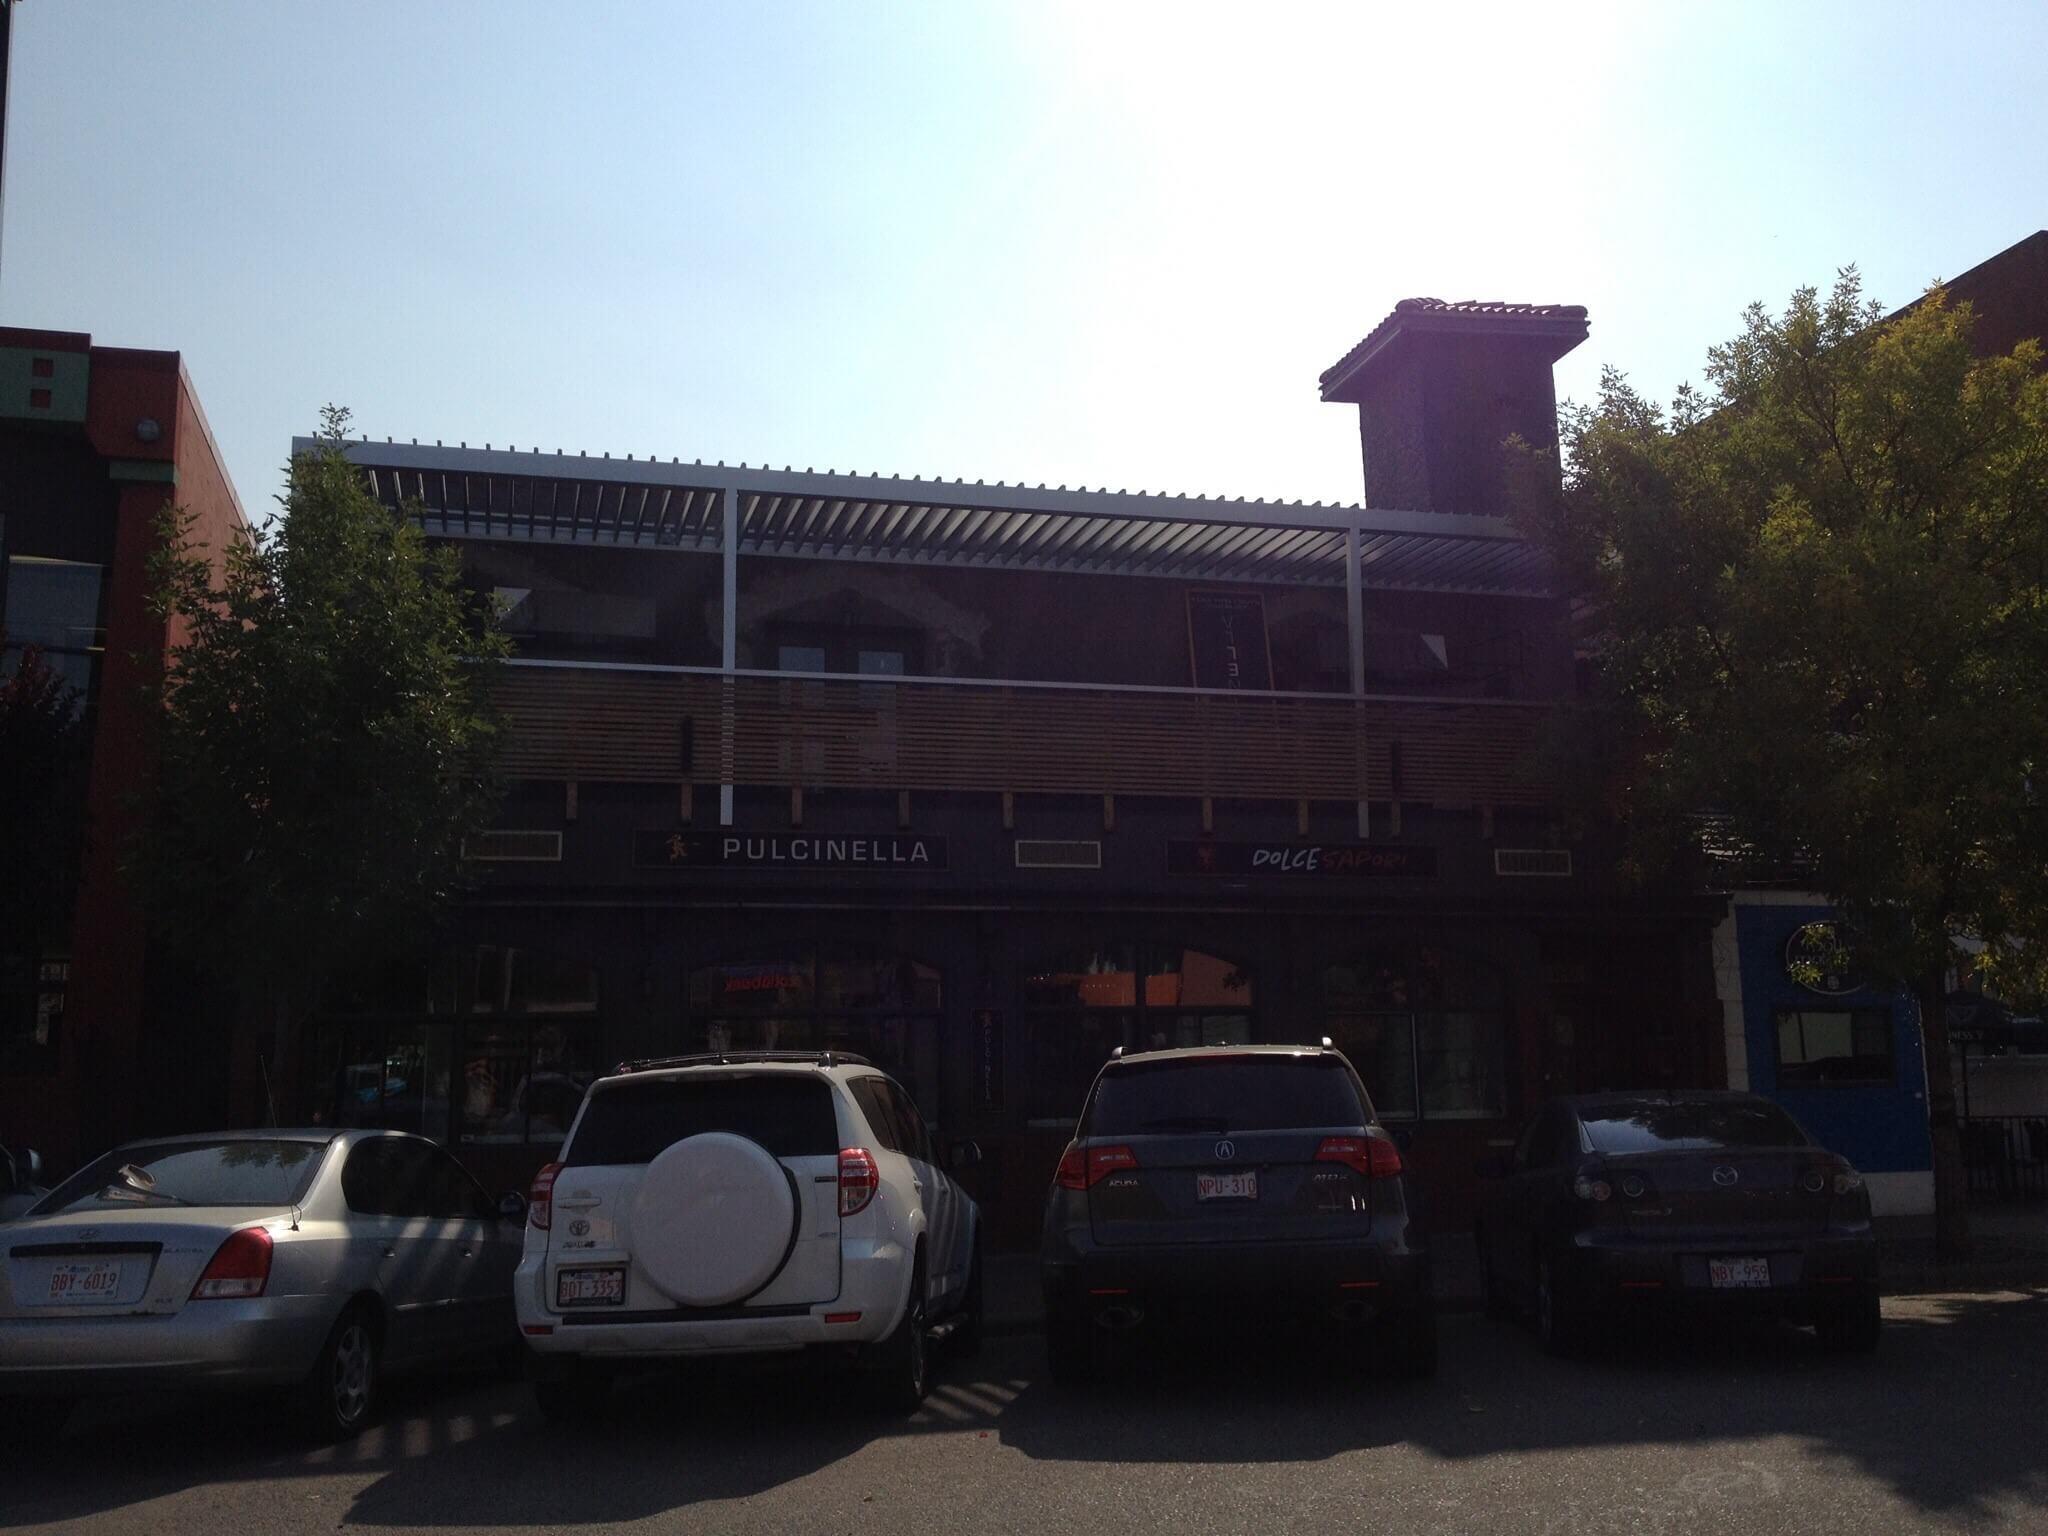 Pulcinella Louvered Roof - Suncoast Enclosures Calgary